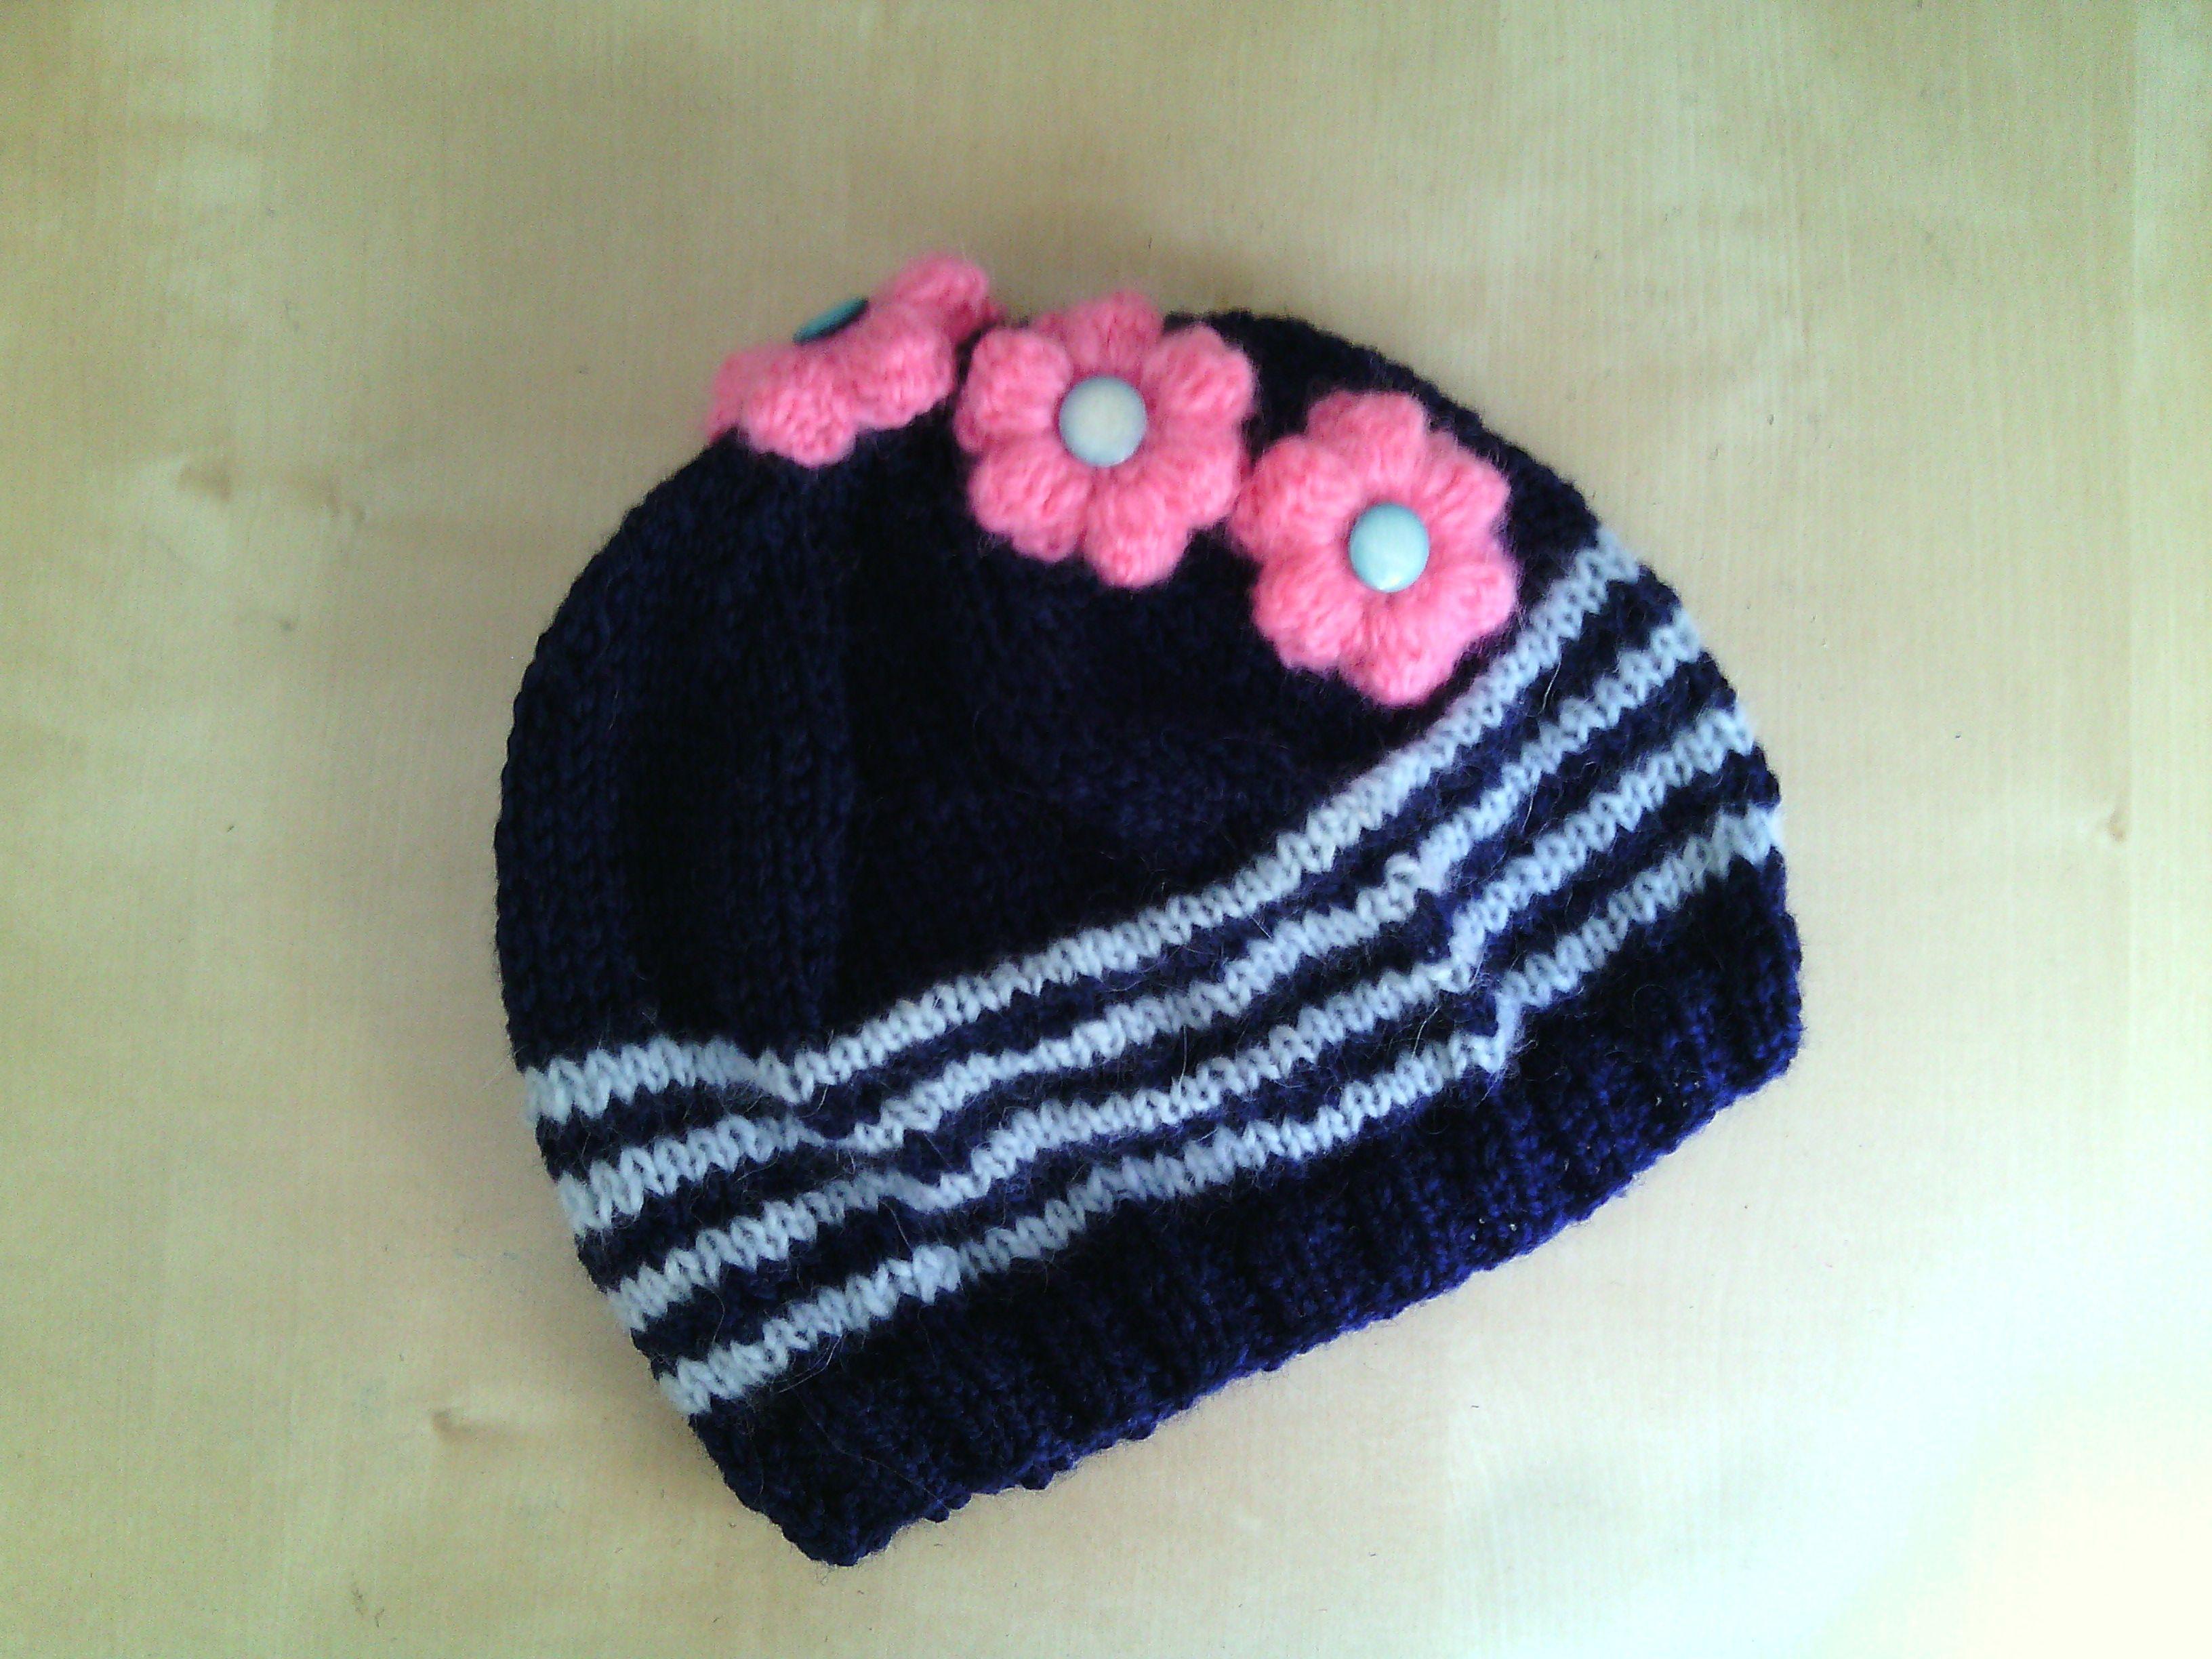 berretto all uncinetto per bambina in lana con fiori ec415a9d57a4